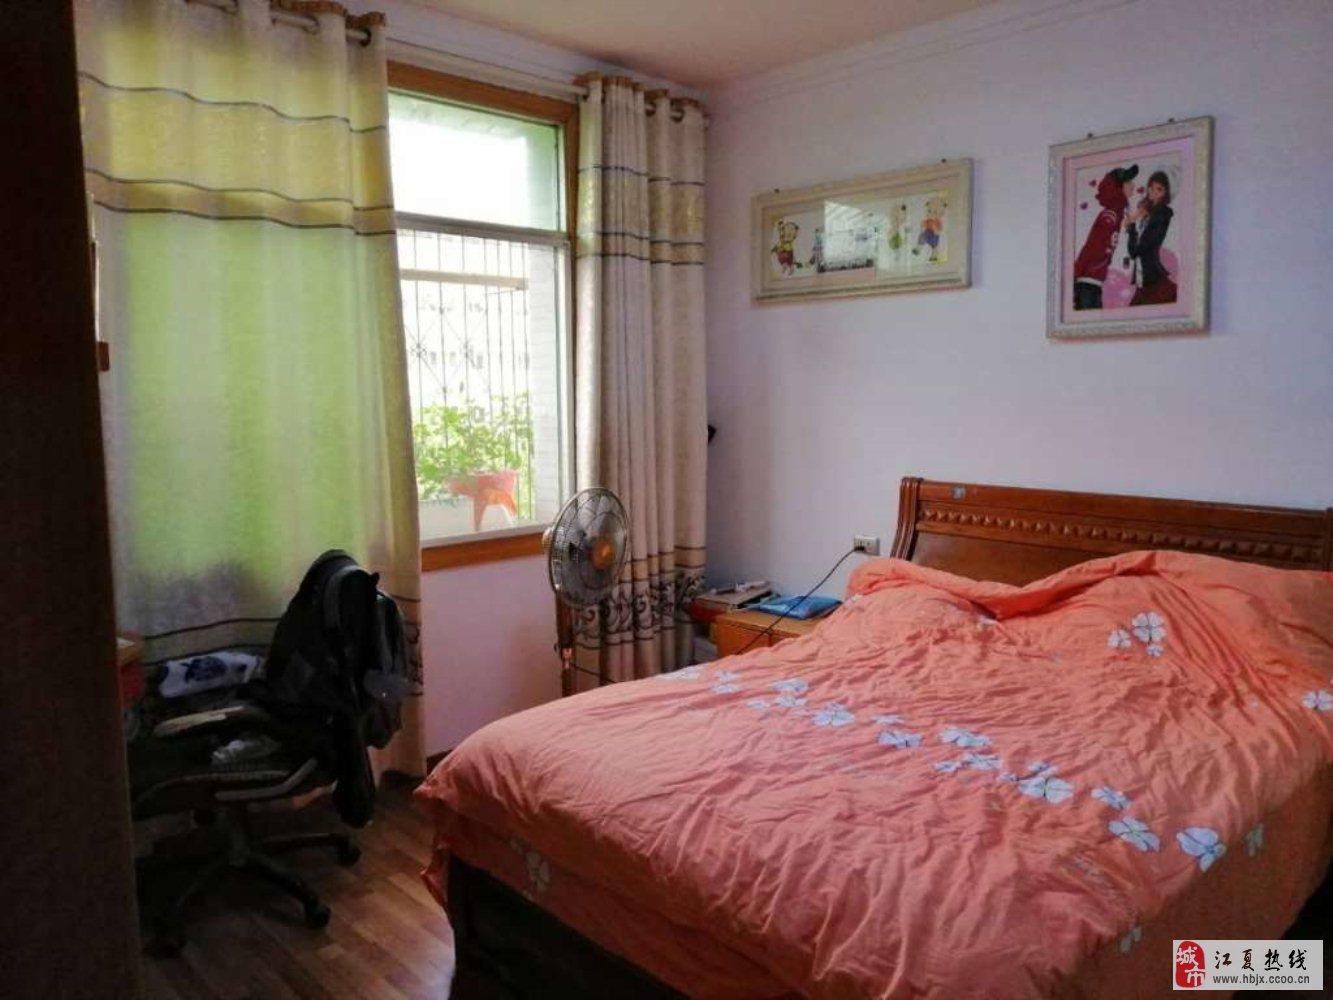 宏德公寓2室2廳1衛92萬元證滿了兩年